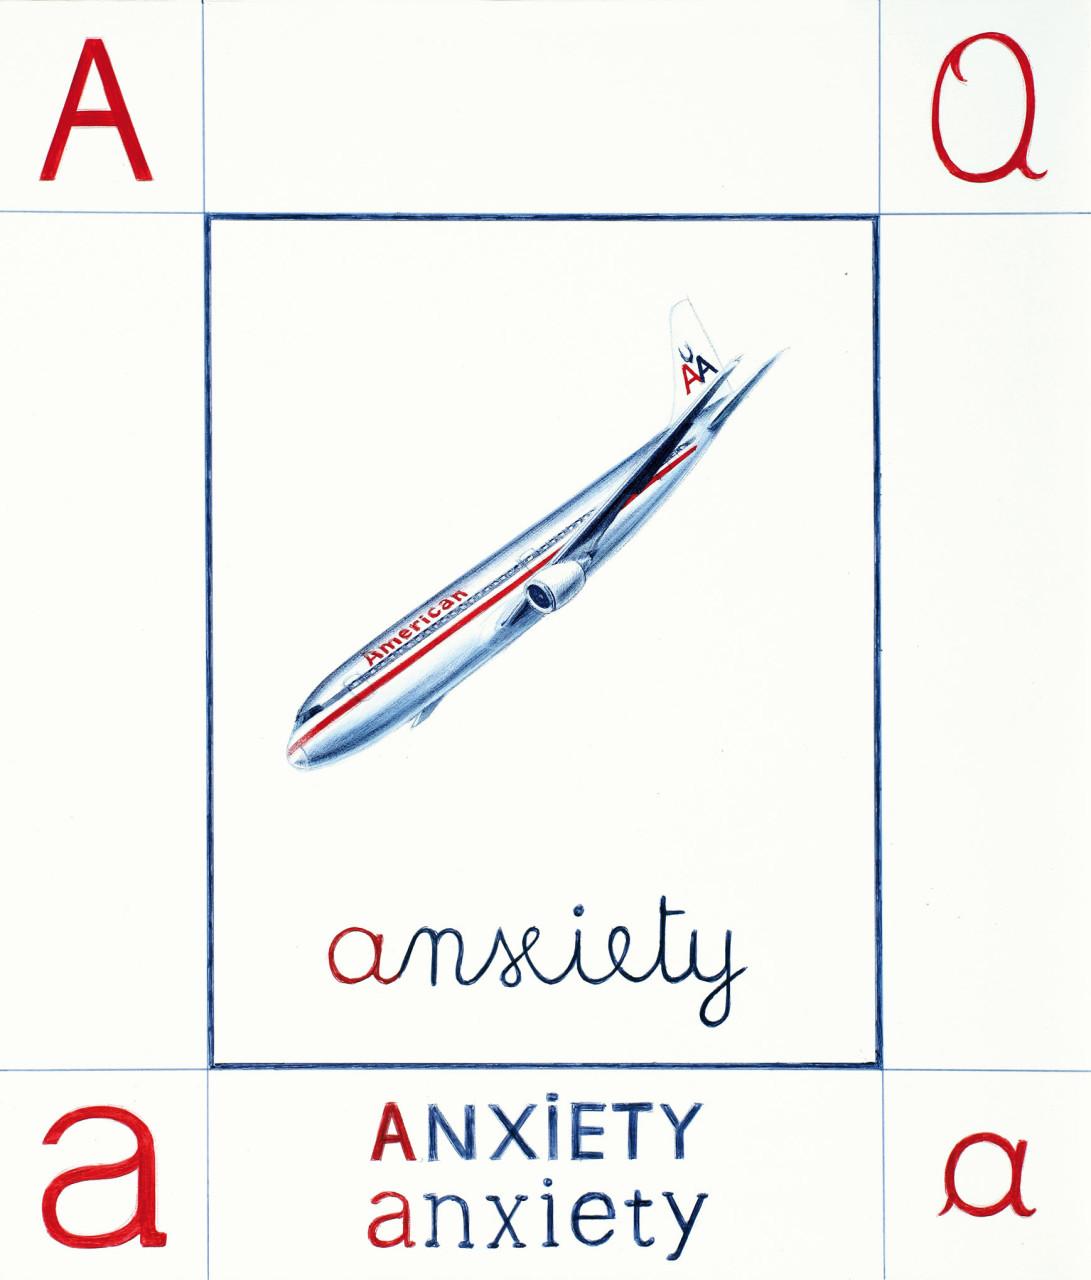 01A-anxiety_bassa